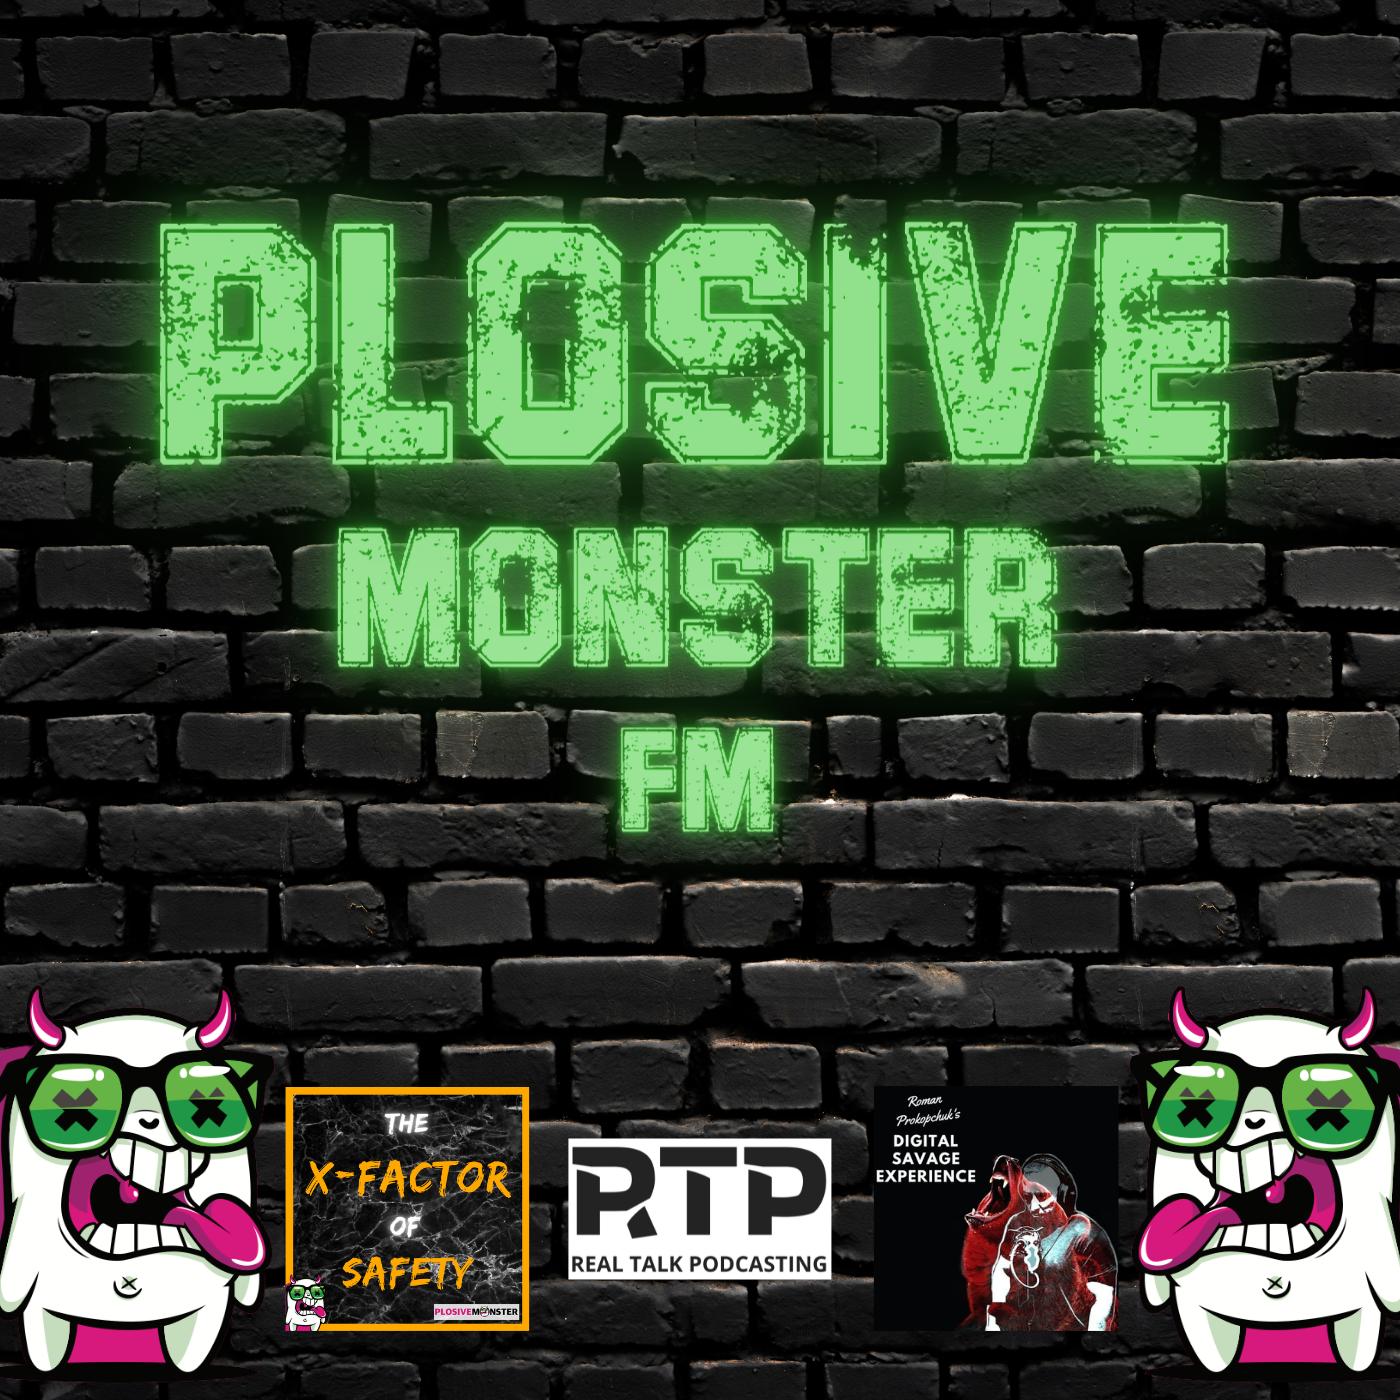 Plosive Monster FM logo